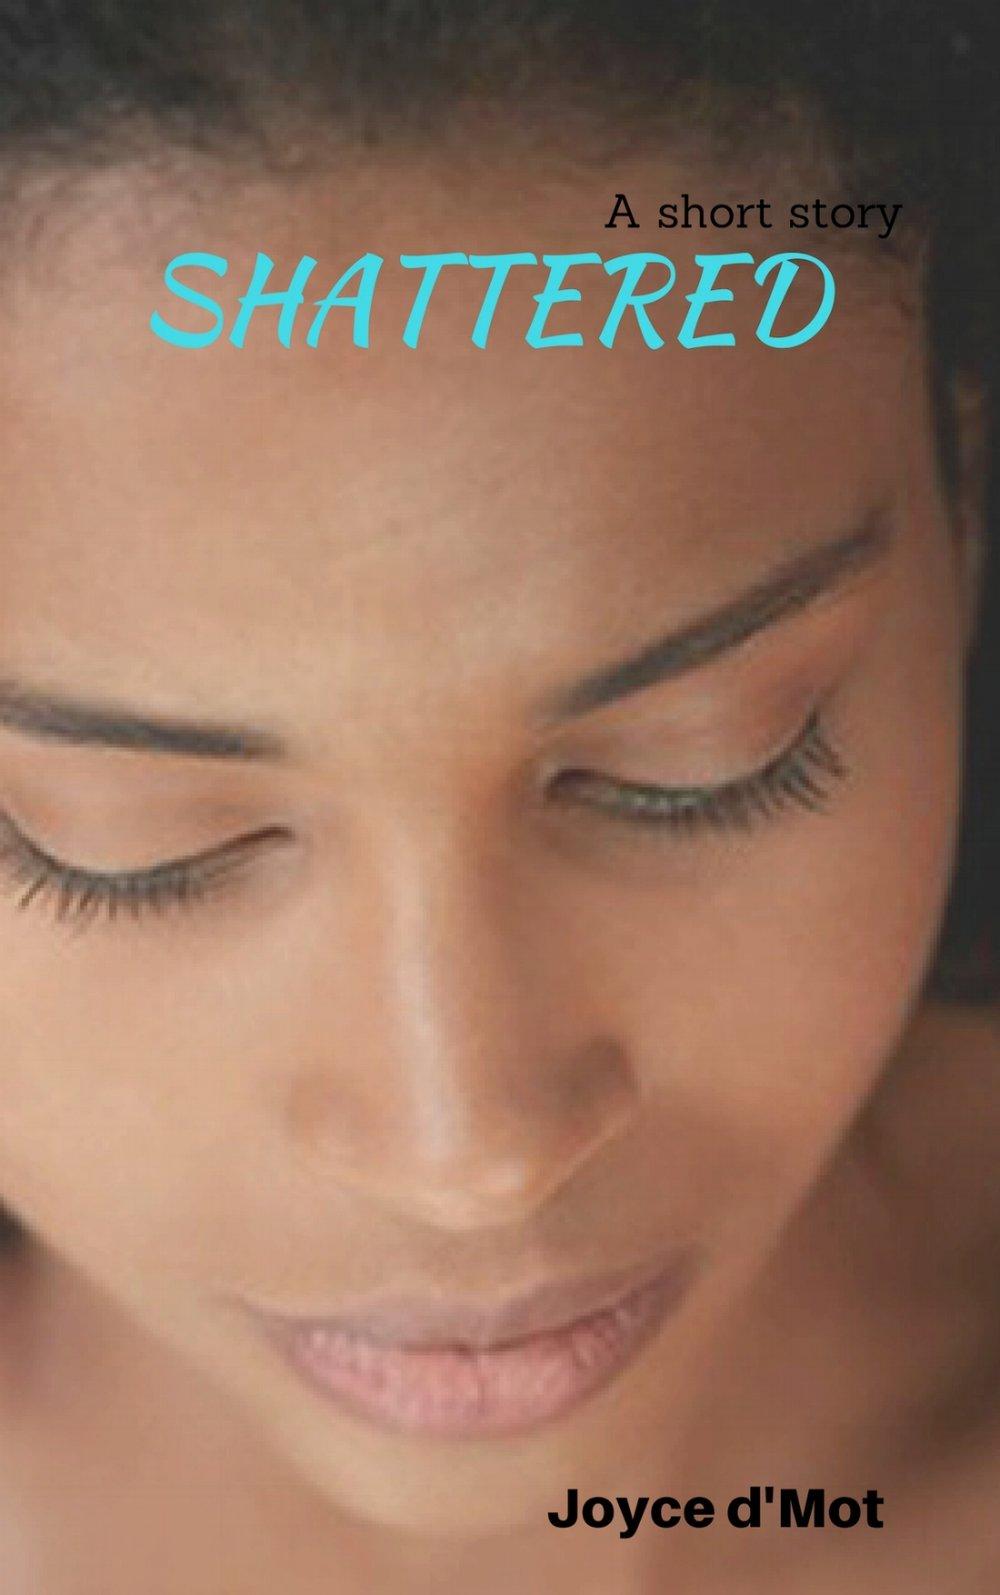 SHATTERED COVER 2.jpg